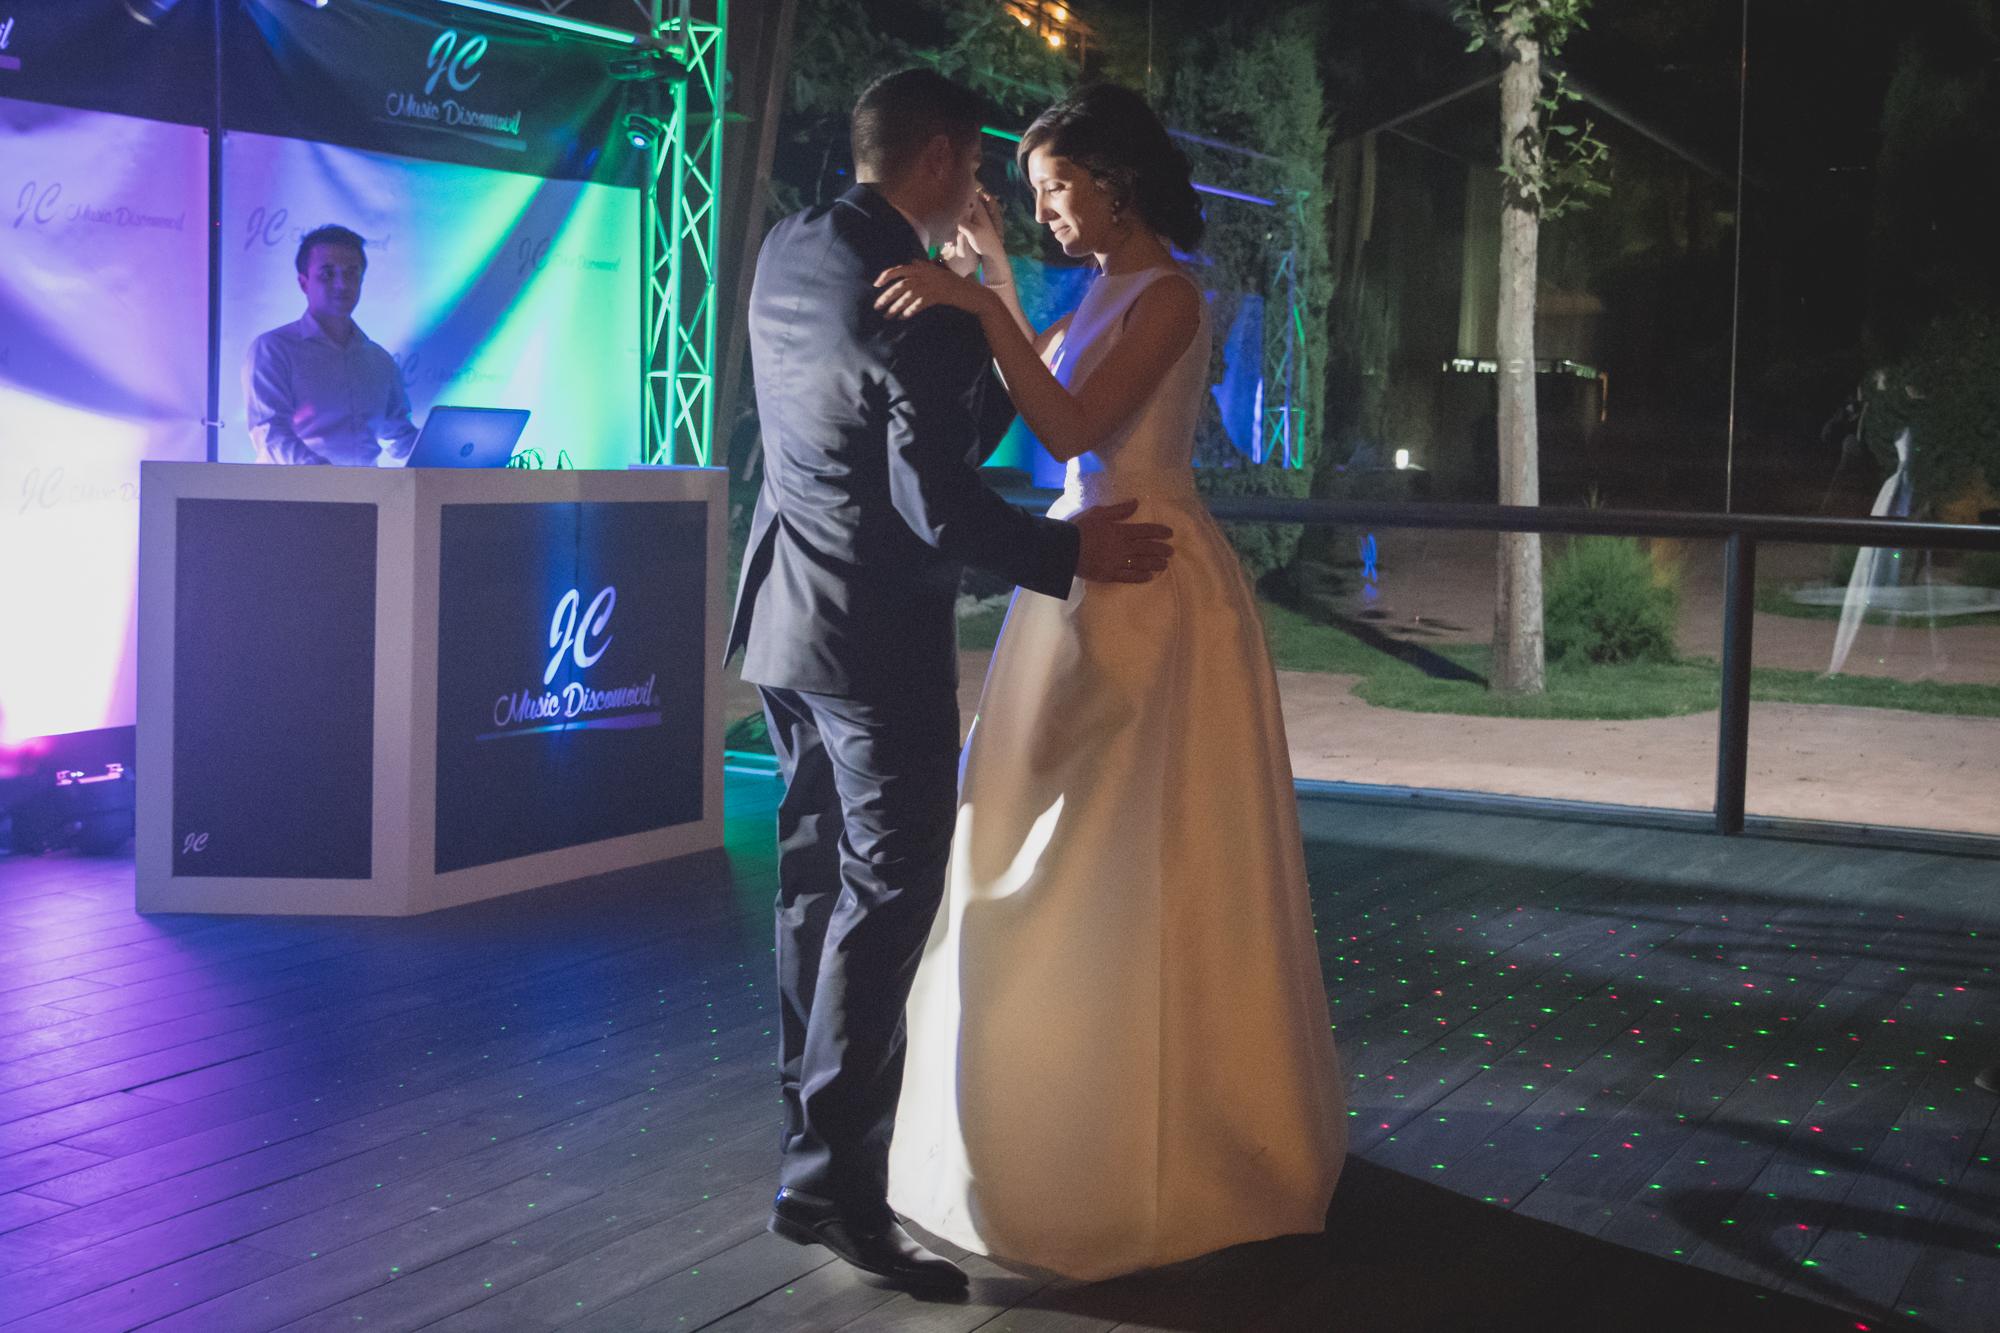 fotografos-de-boda-baile.jpg